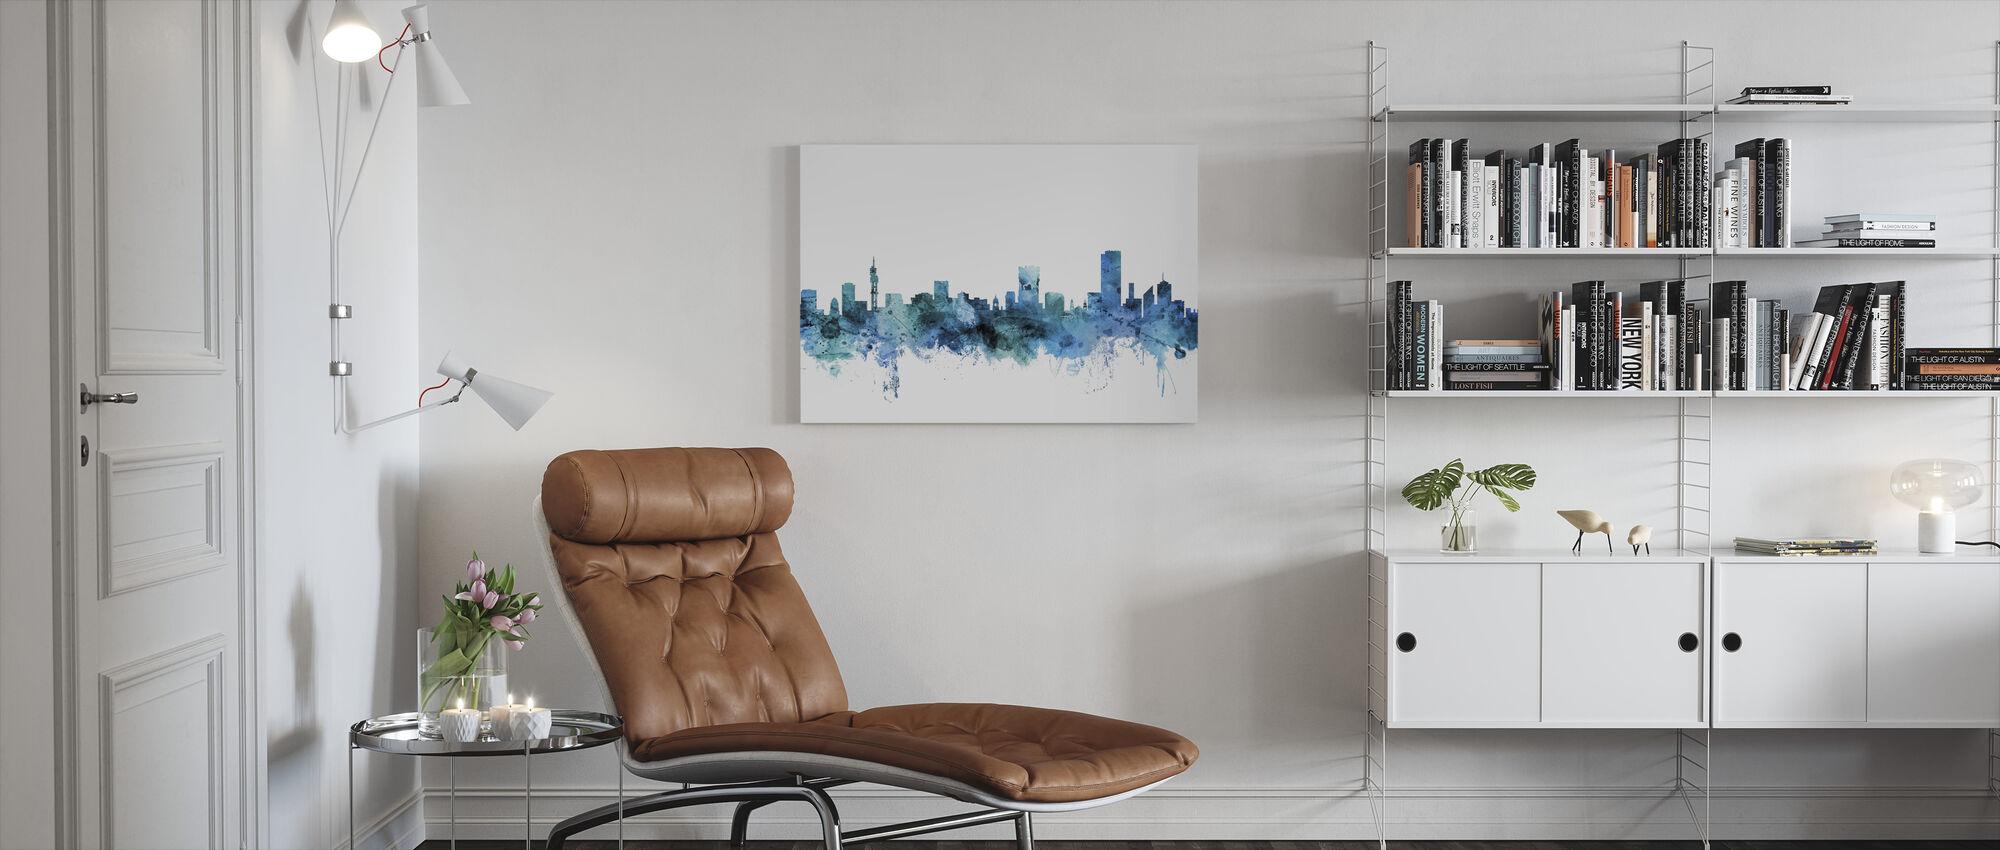 Pretoria South Africa Skyline - Canvas print - Living Room